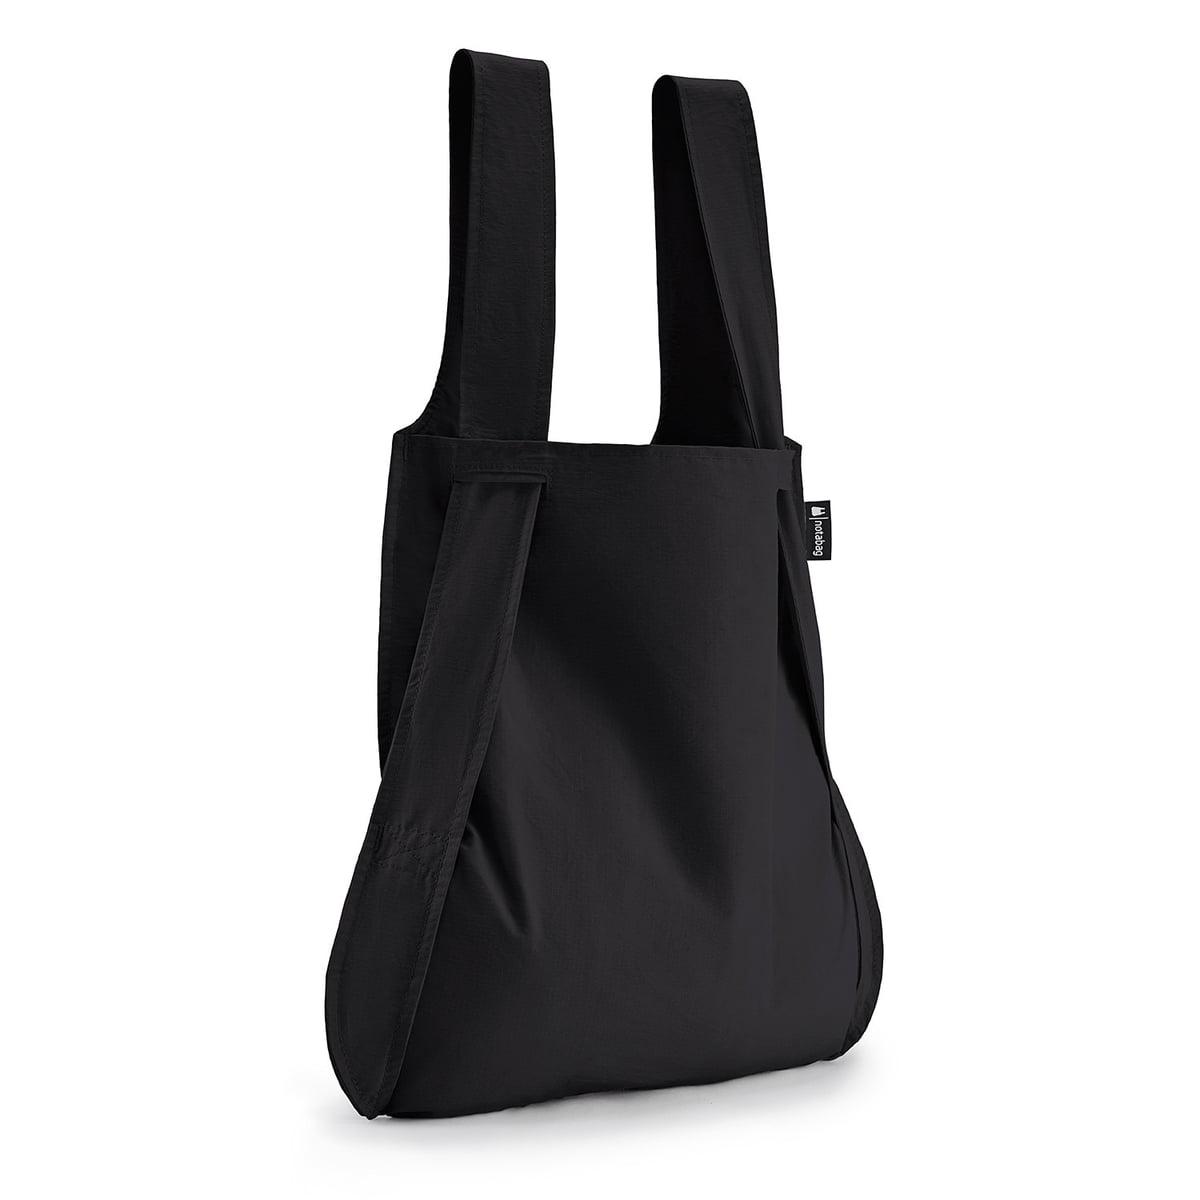 Und Notabag Und Tasche Tasche RucksackGelb Und Notabag Tasche RucksackGelb Tasche Und Notabag Notabag RucksackGelb txhdCsQr